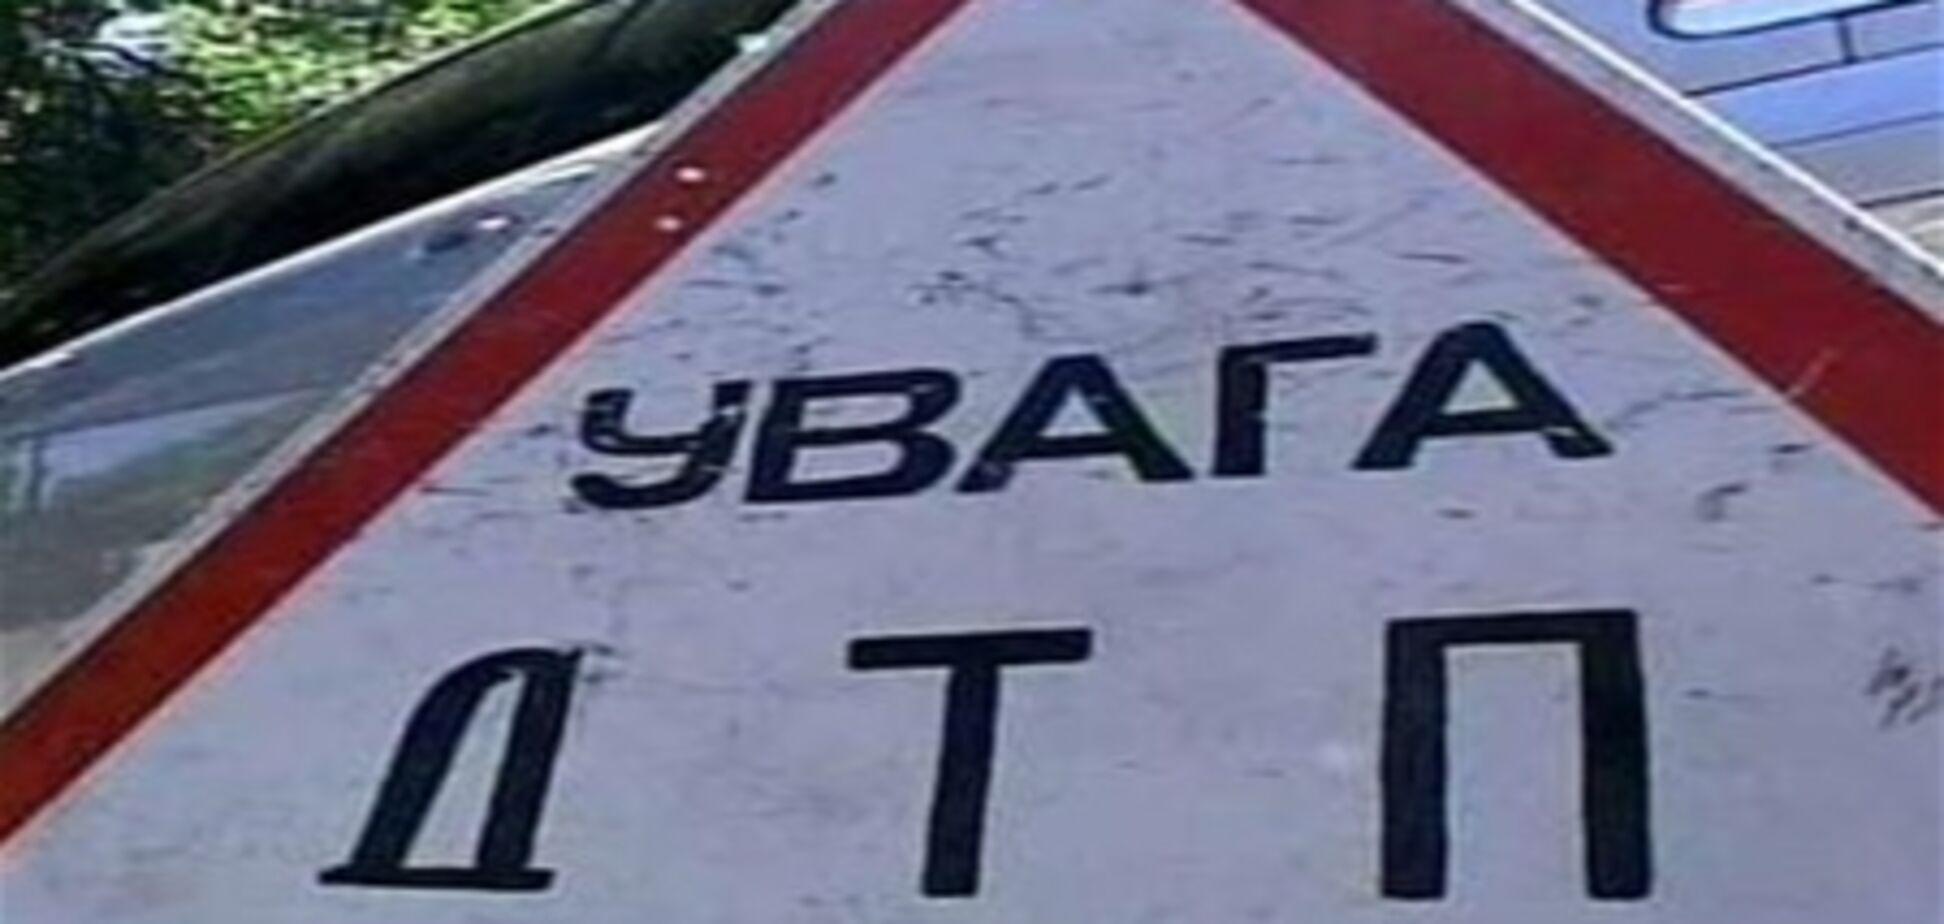 Милиция вычислила водителя, подозреваемого в совершении ДТП на Хмельнитчине